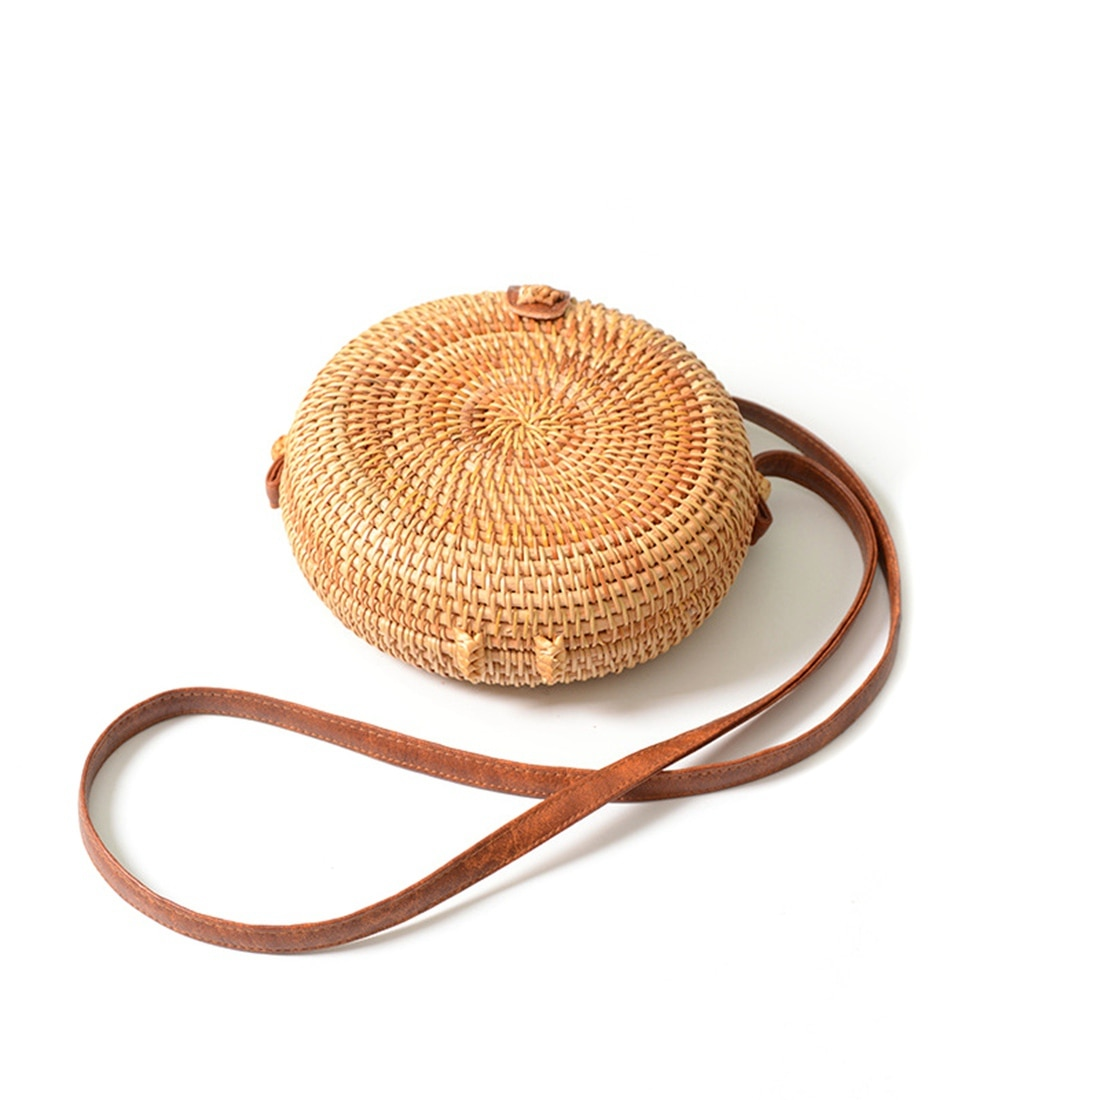 Dcos ins novas senhoras mão-tecido saco redondo rattan retro literário mão-tecido fivela de couro pacote bohemia praia mensageiro saco